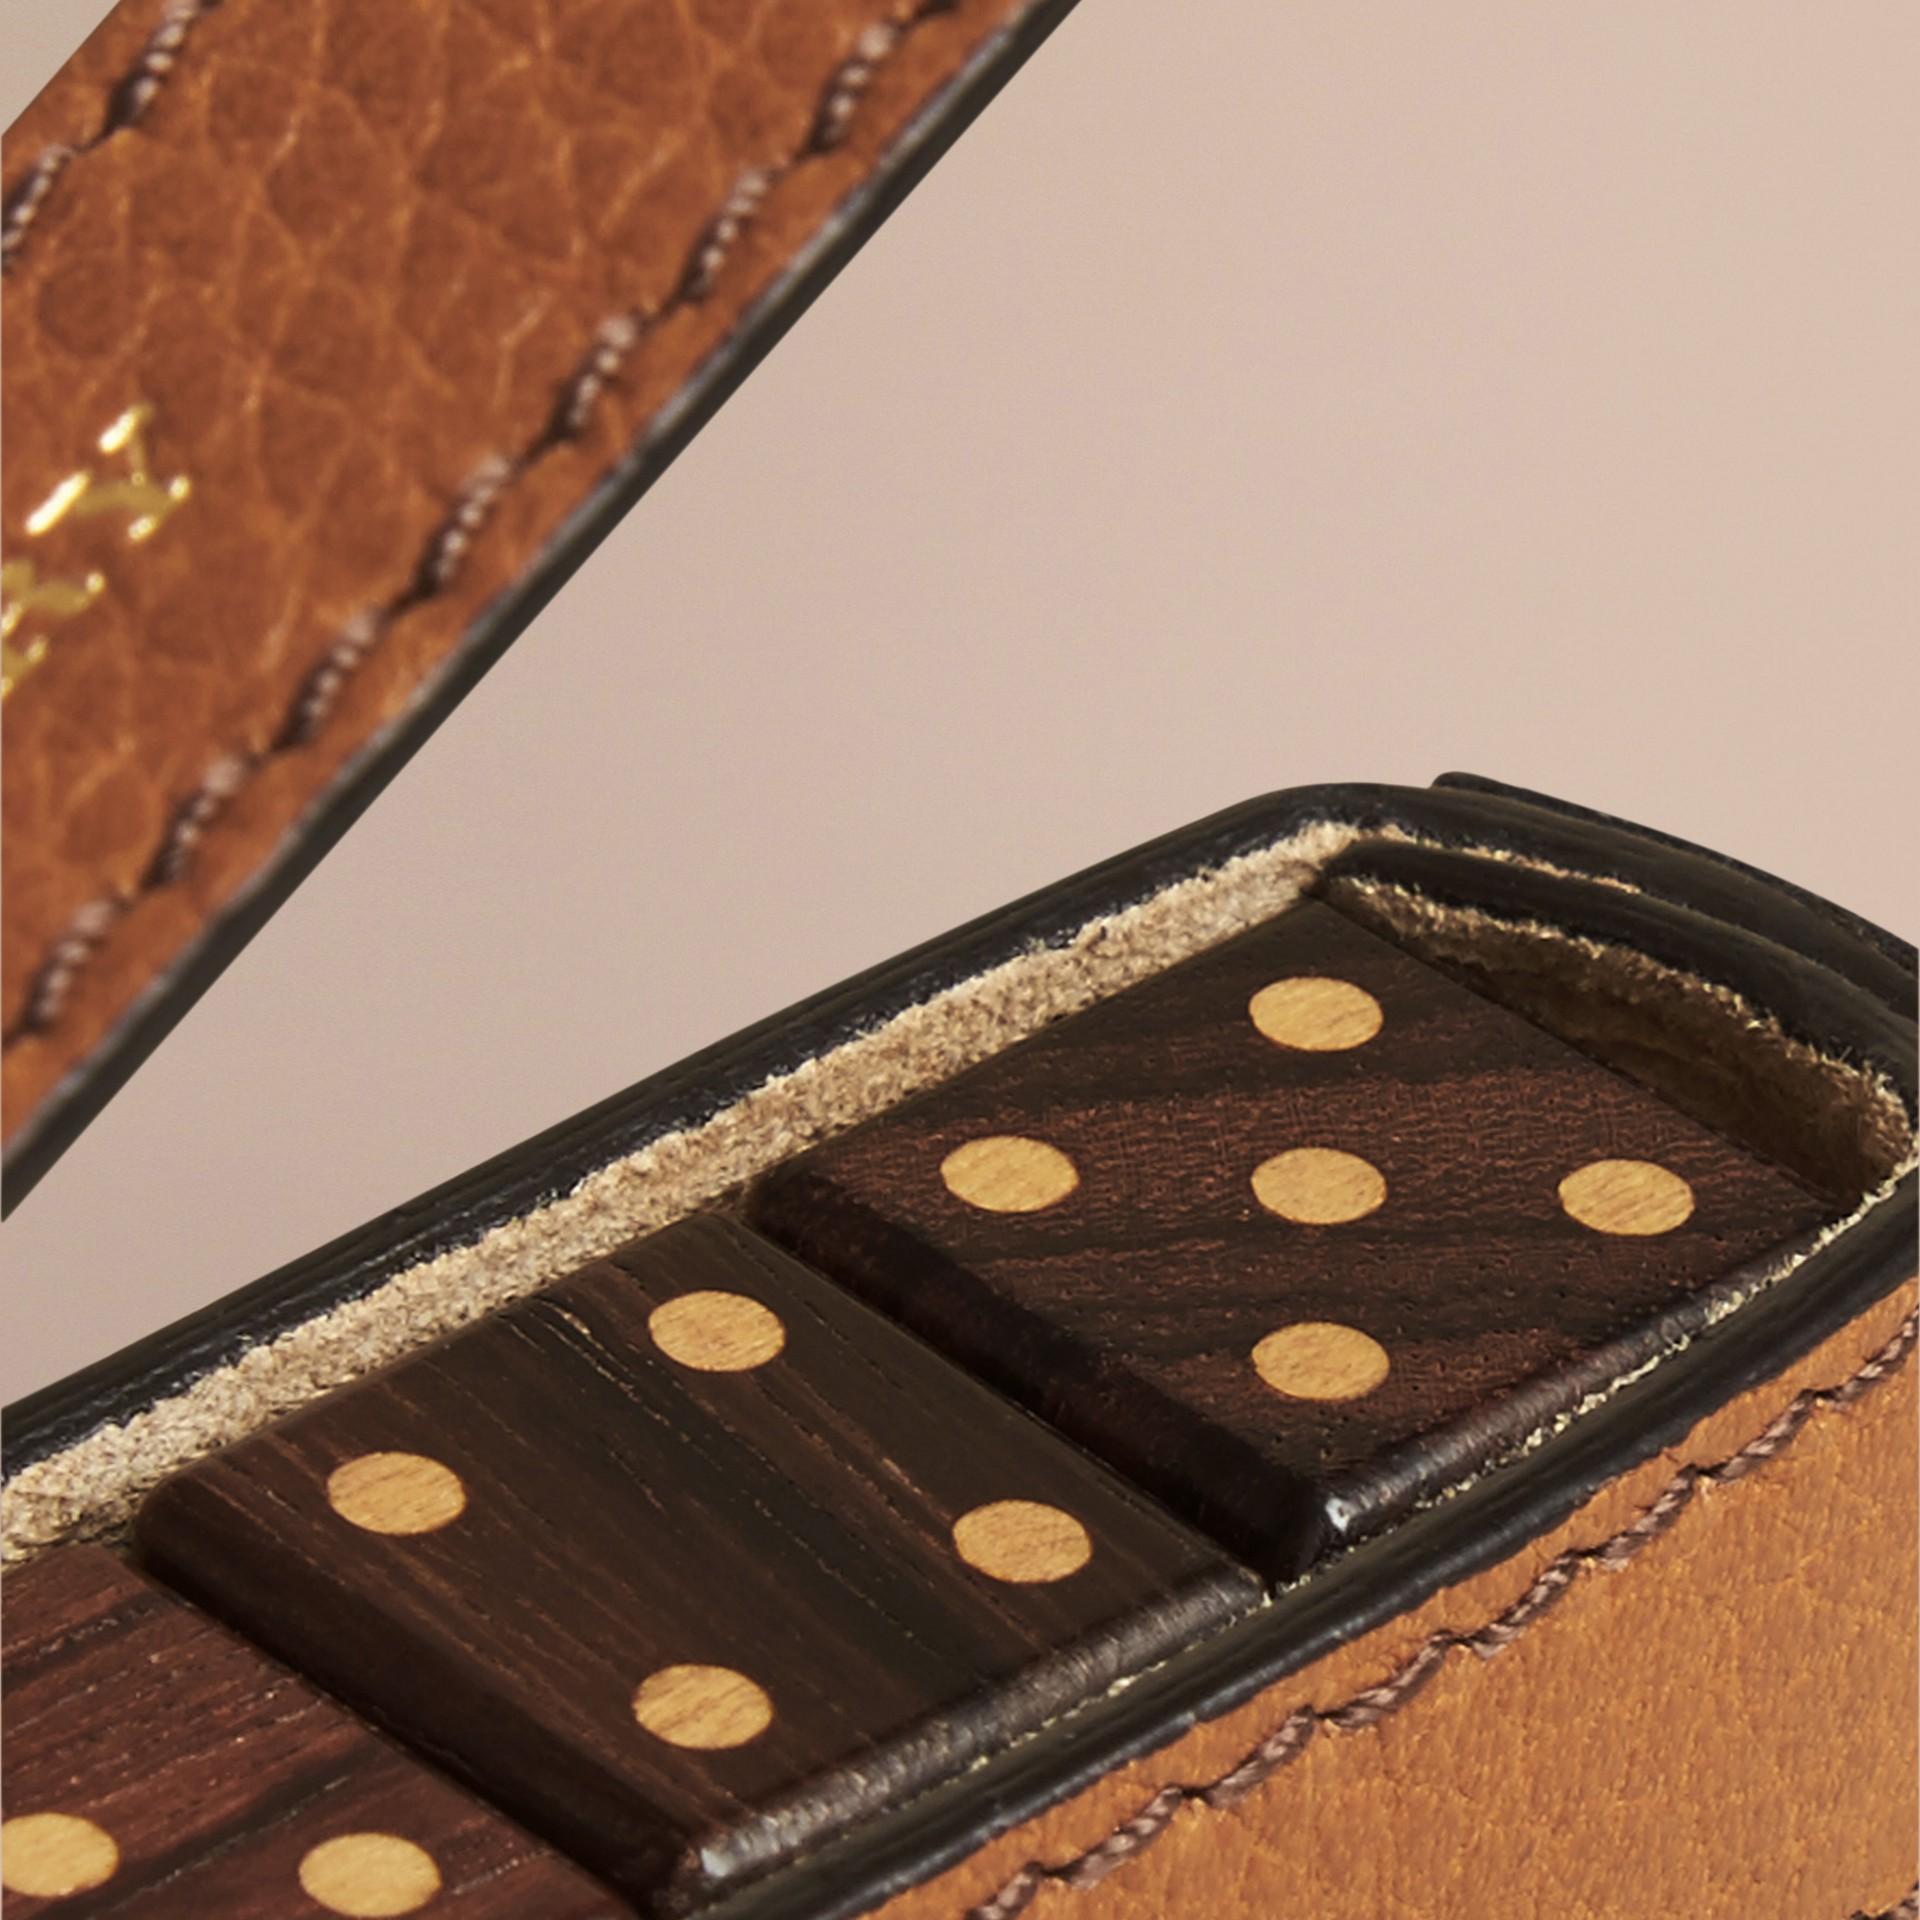 Hellbraun Würfelset in einem Etui aus genarbtem Leder Hellbraun - Galerie-Bild 2